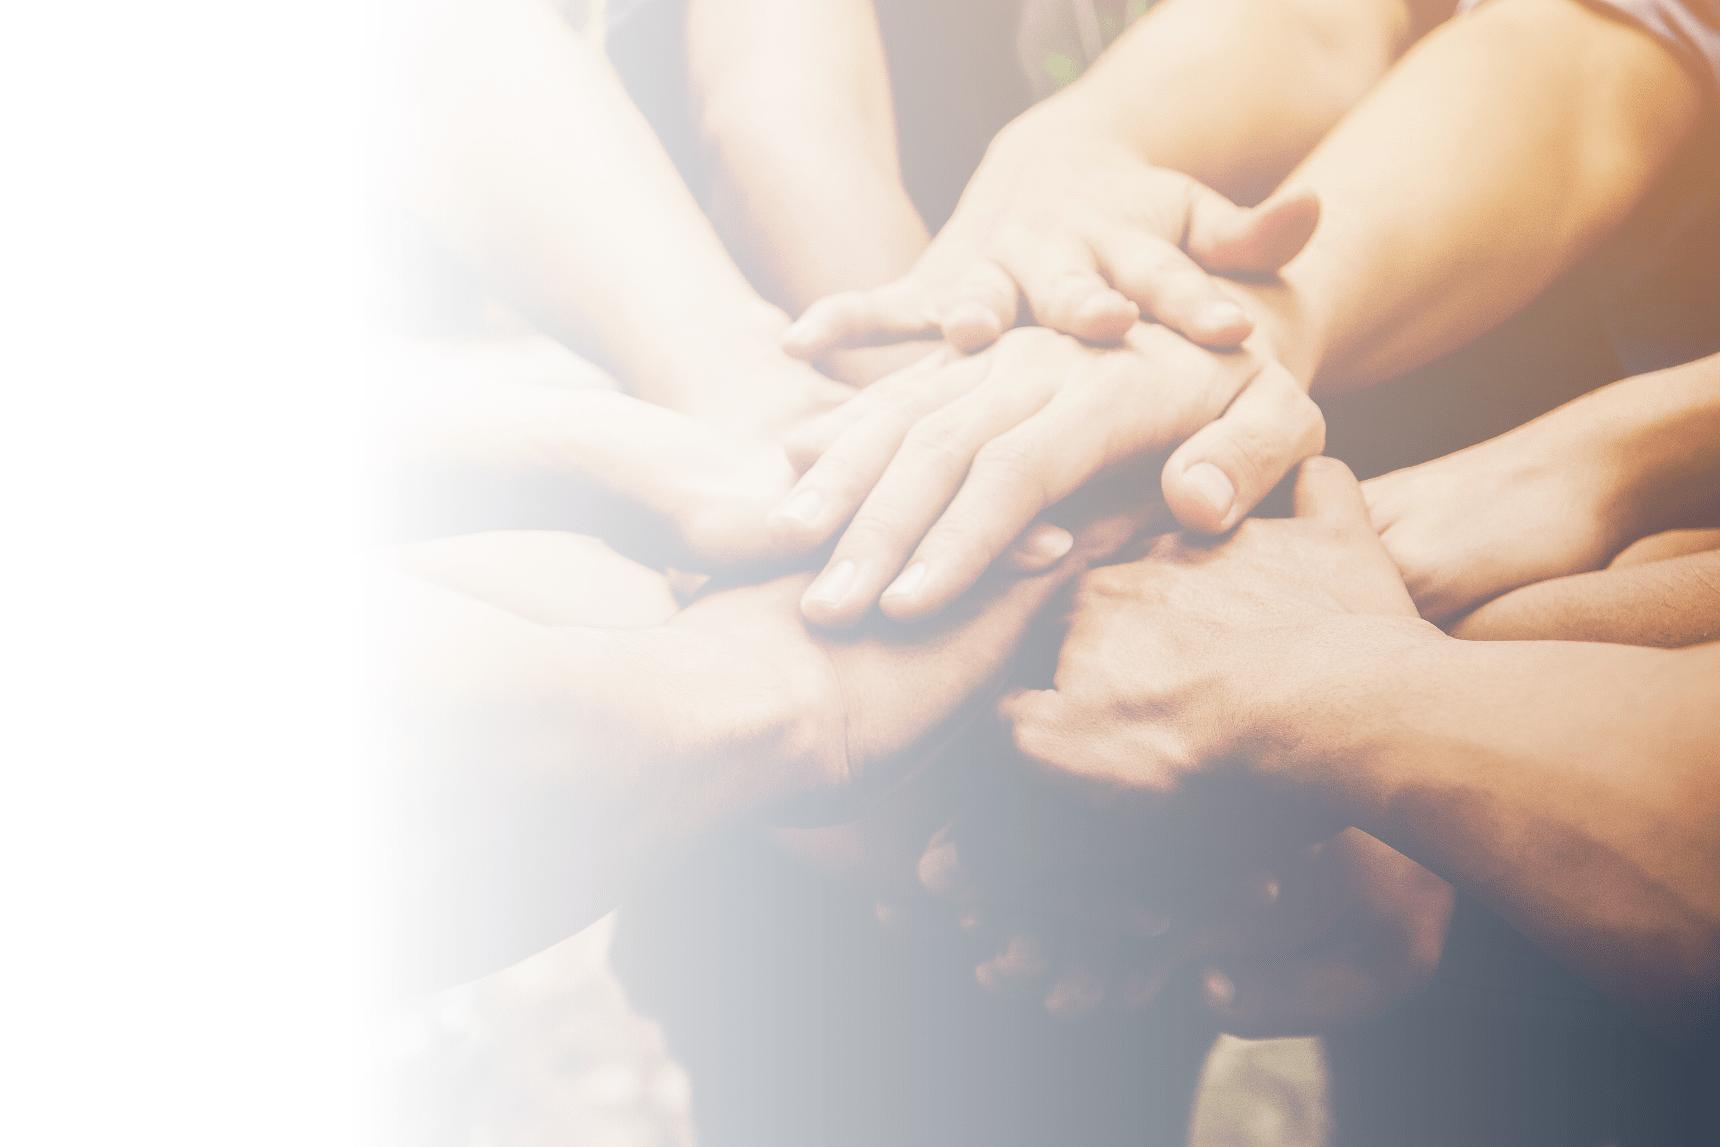 Mehrere Hände die Zusammenhalten - symbolisiert Mitarbeitermotivation durch das Team